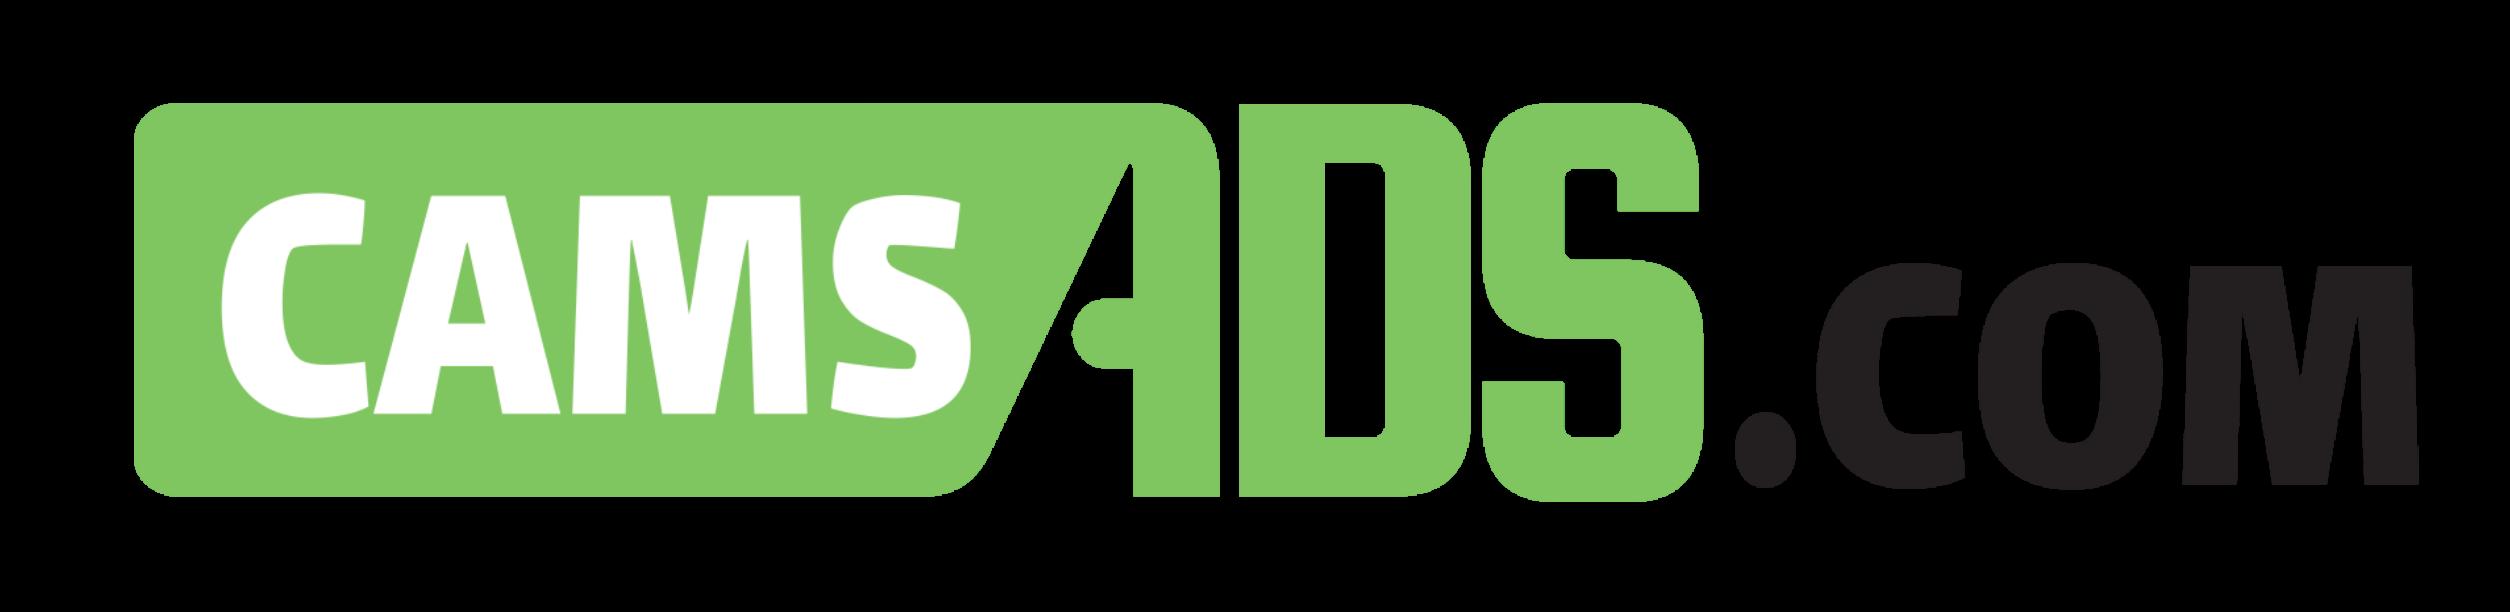 logo_camsads_1-png.2397